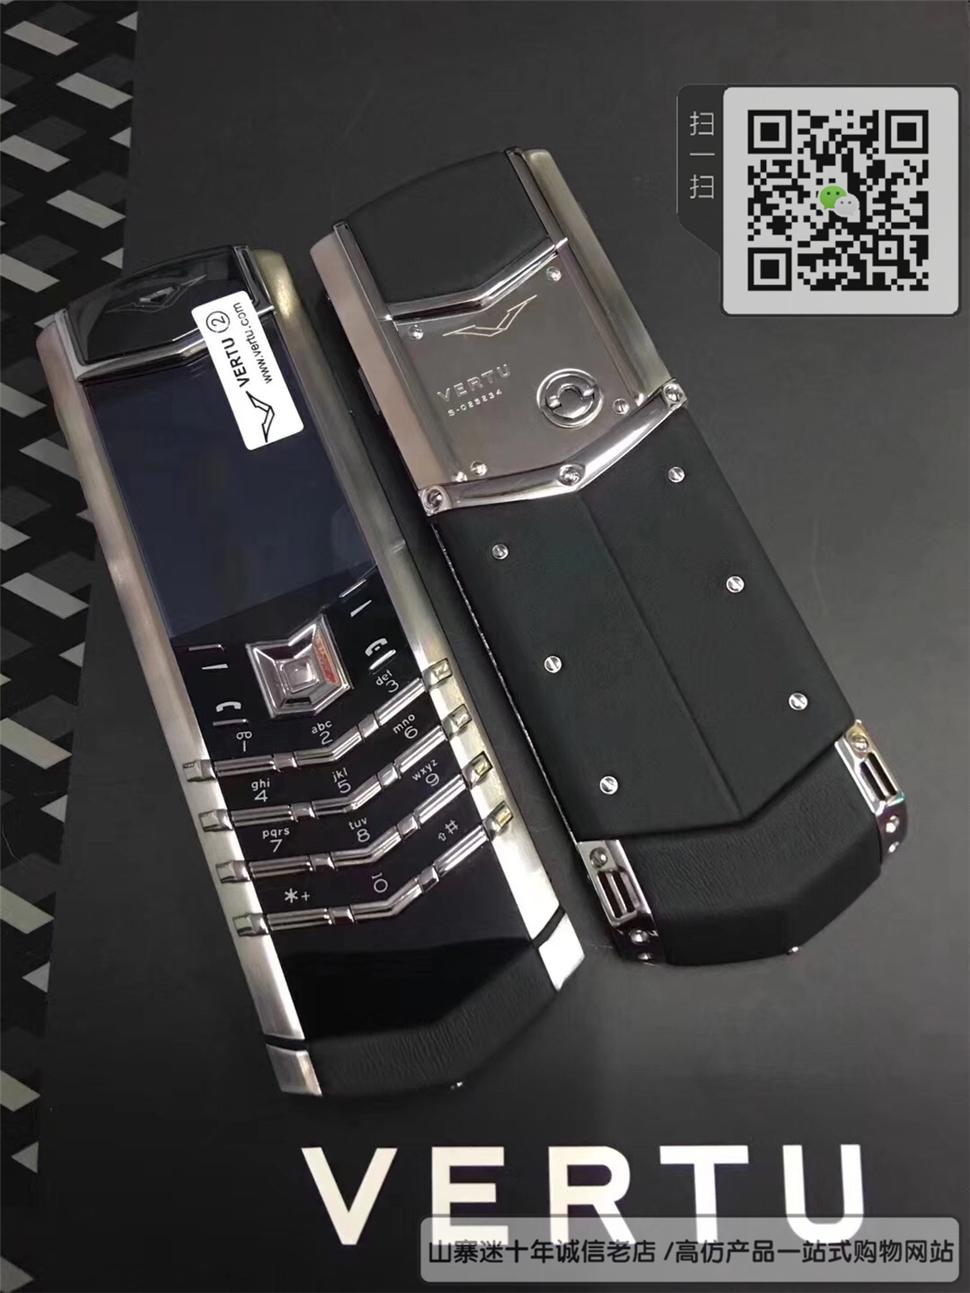 高仿威图VERTU总裁签名版手机 -黑色+白金-小牛皮☼